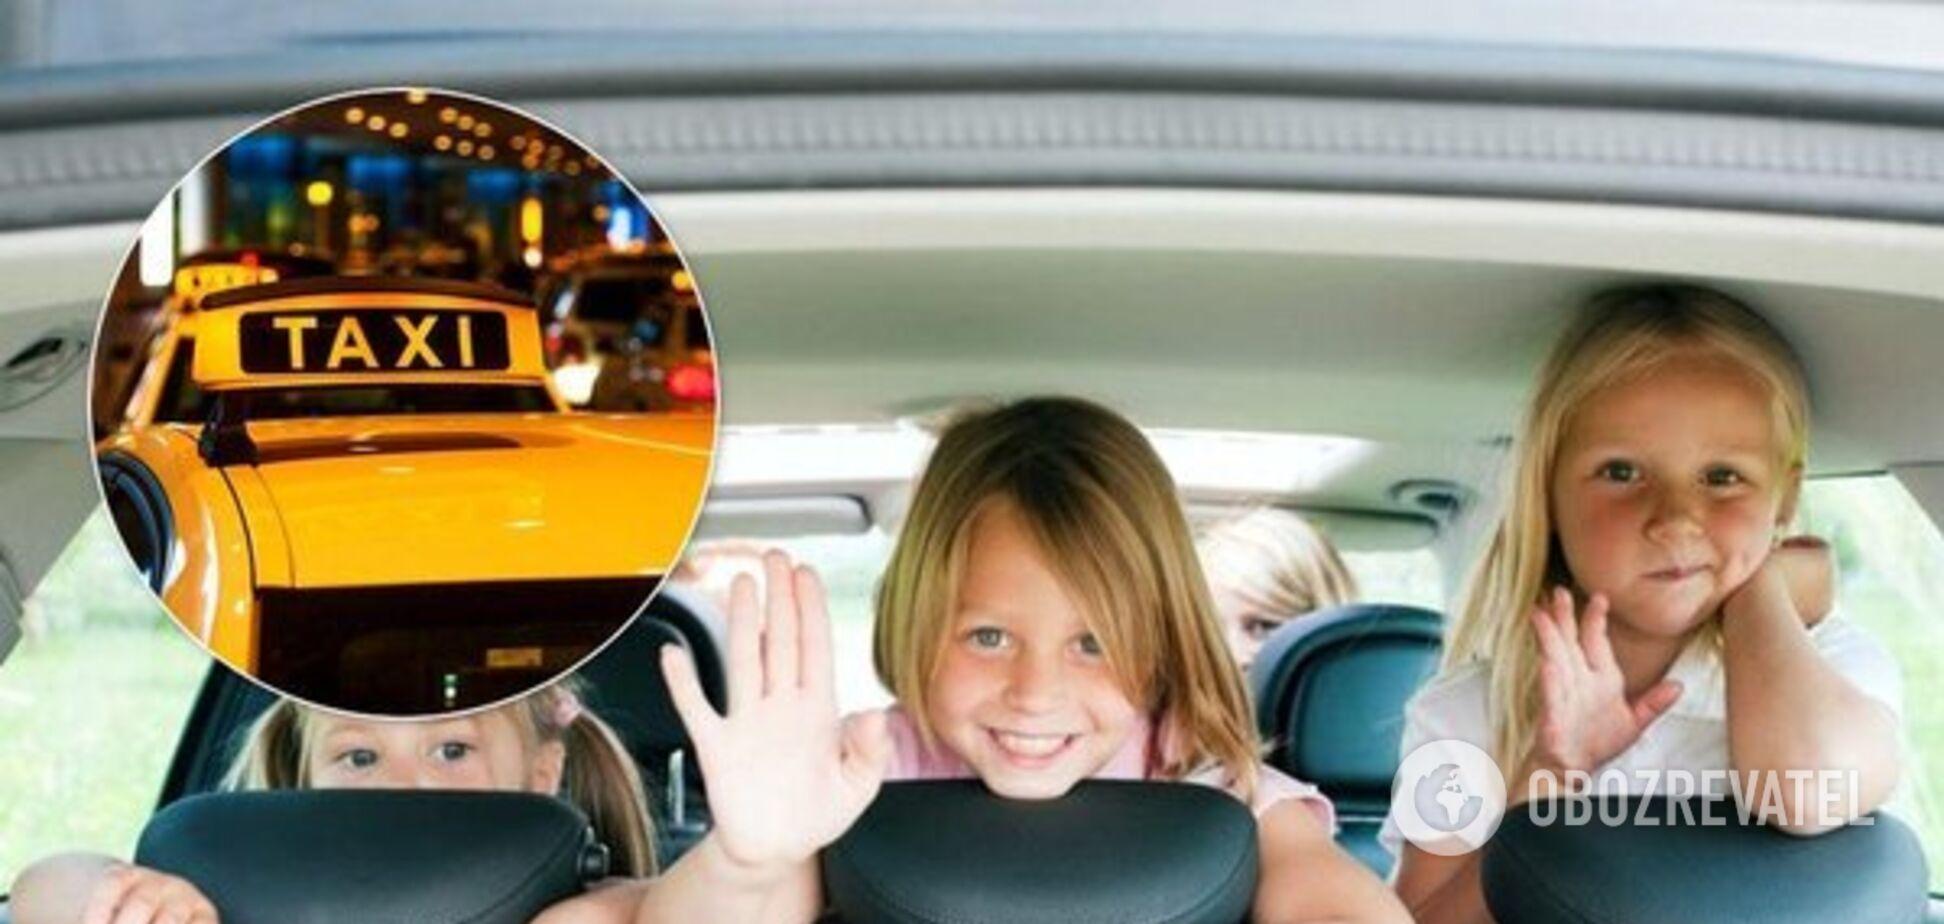 Автокрісла у таксі в Україні: кого тепер штрафуватимуть